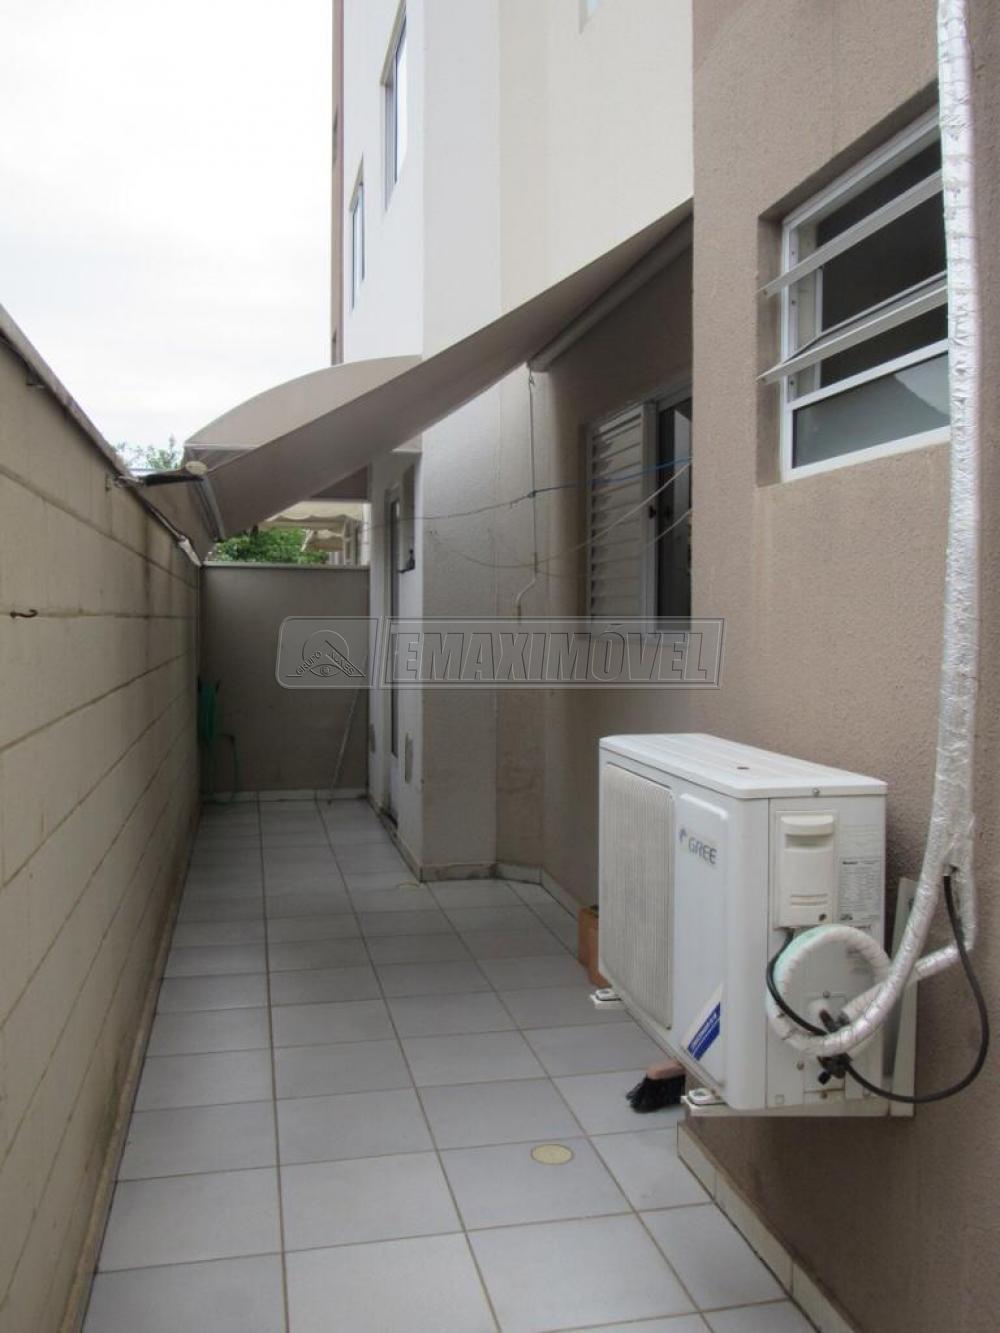 Comprar Apartamento / Padrão em Sorocaba R$ 255.000,00 - Foto 21